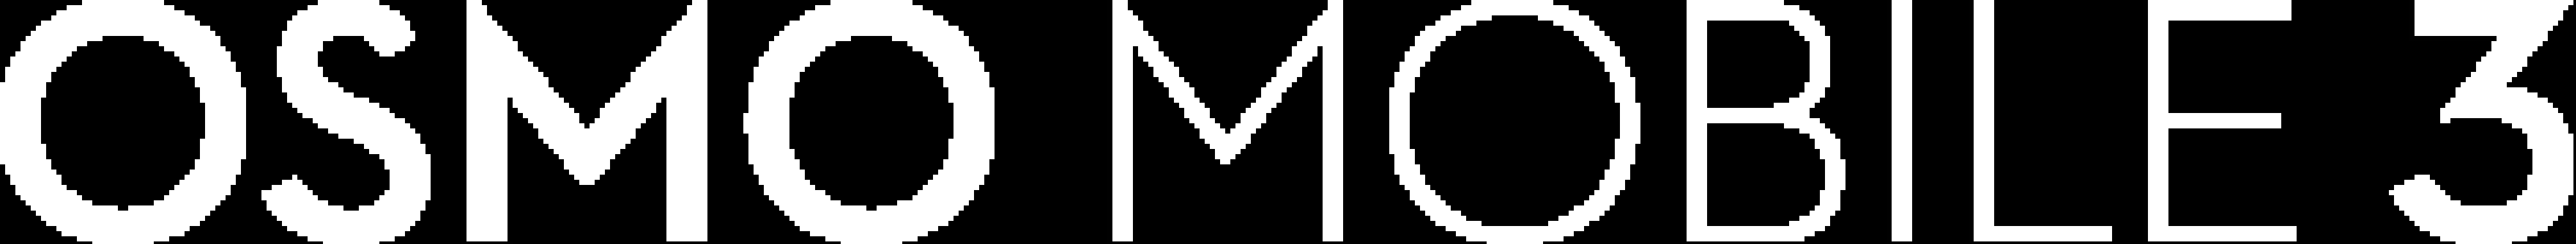 اسمو موبایل 3 DJI Omso Mobile